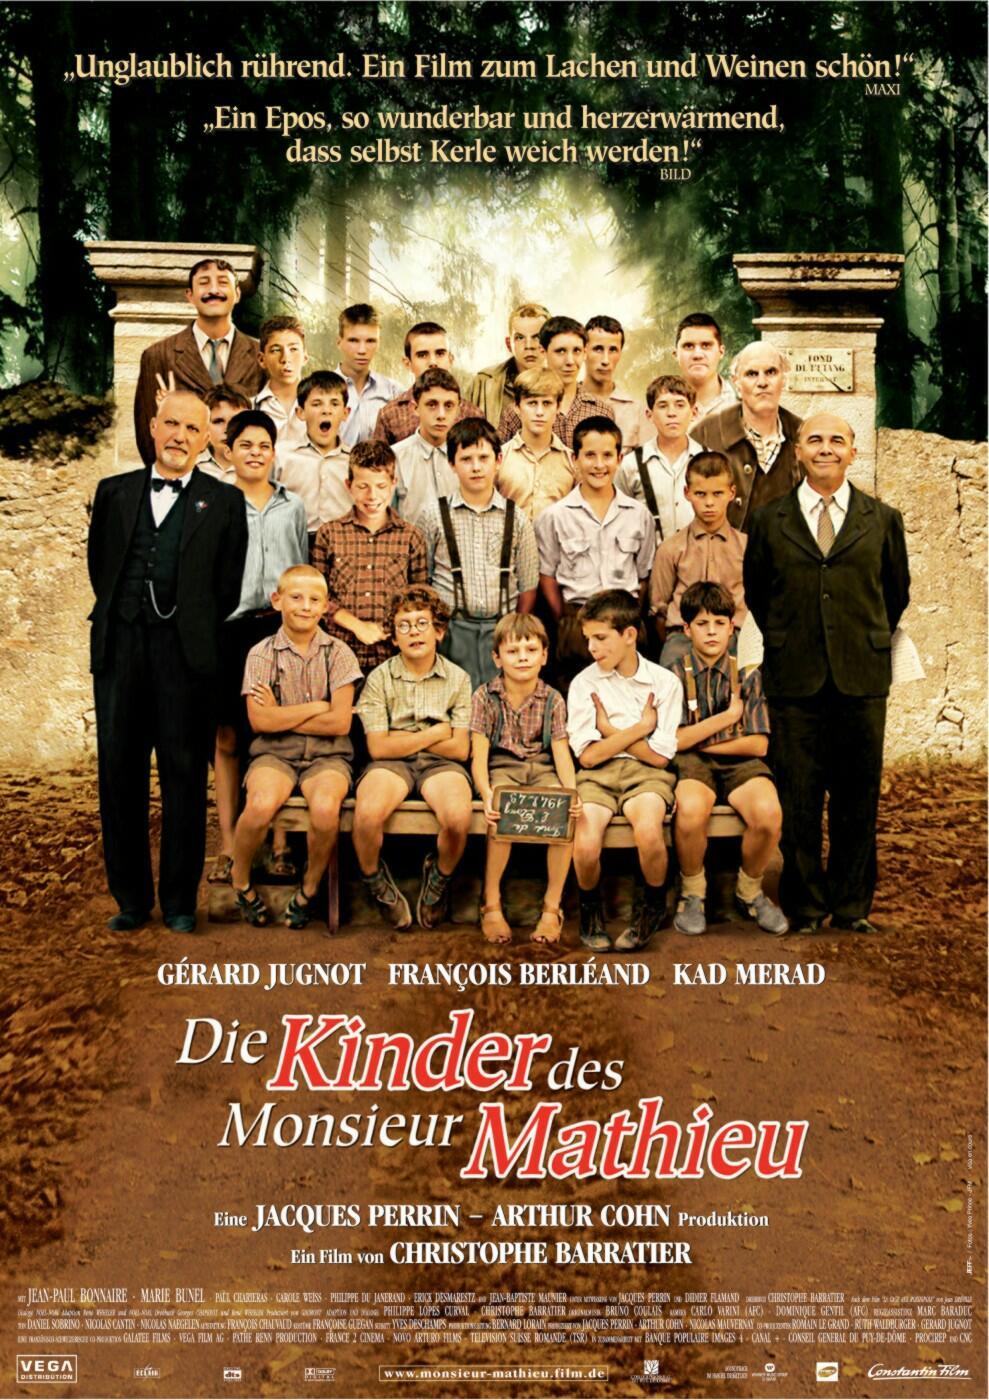 Die Schüler Des Monsieur Mathieu